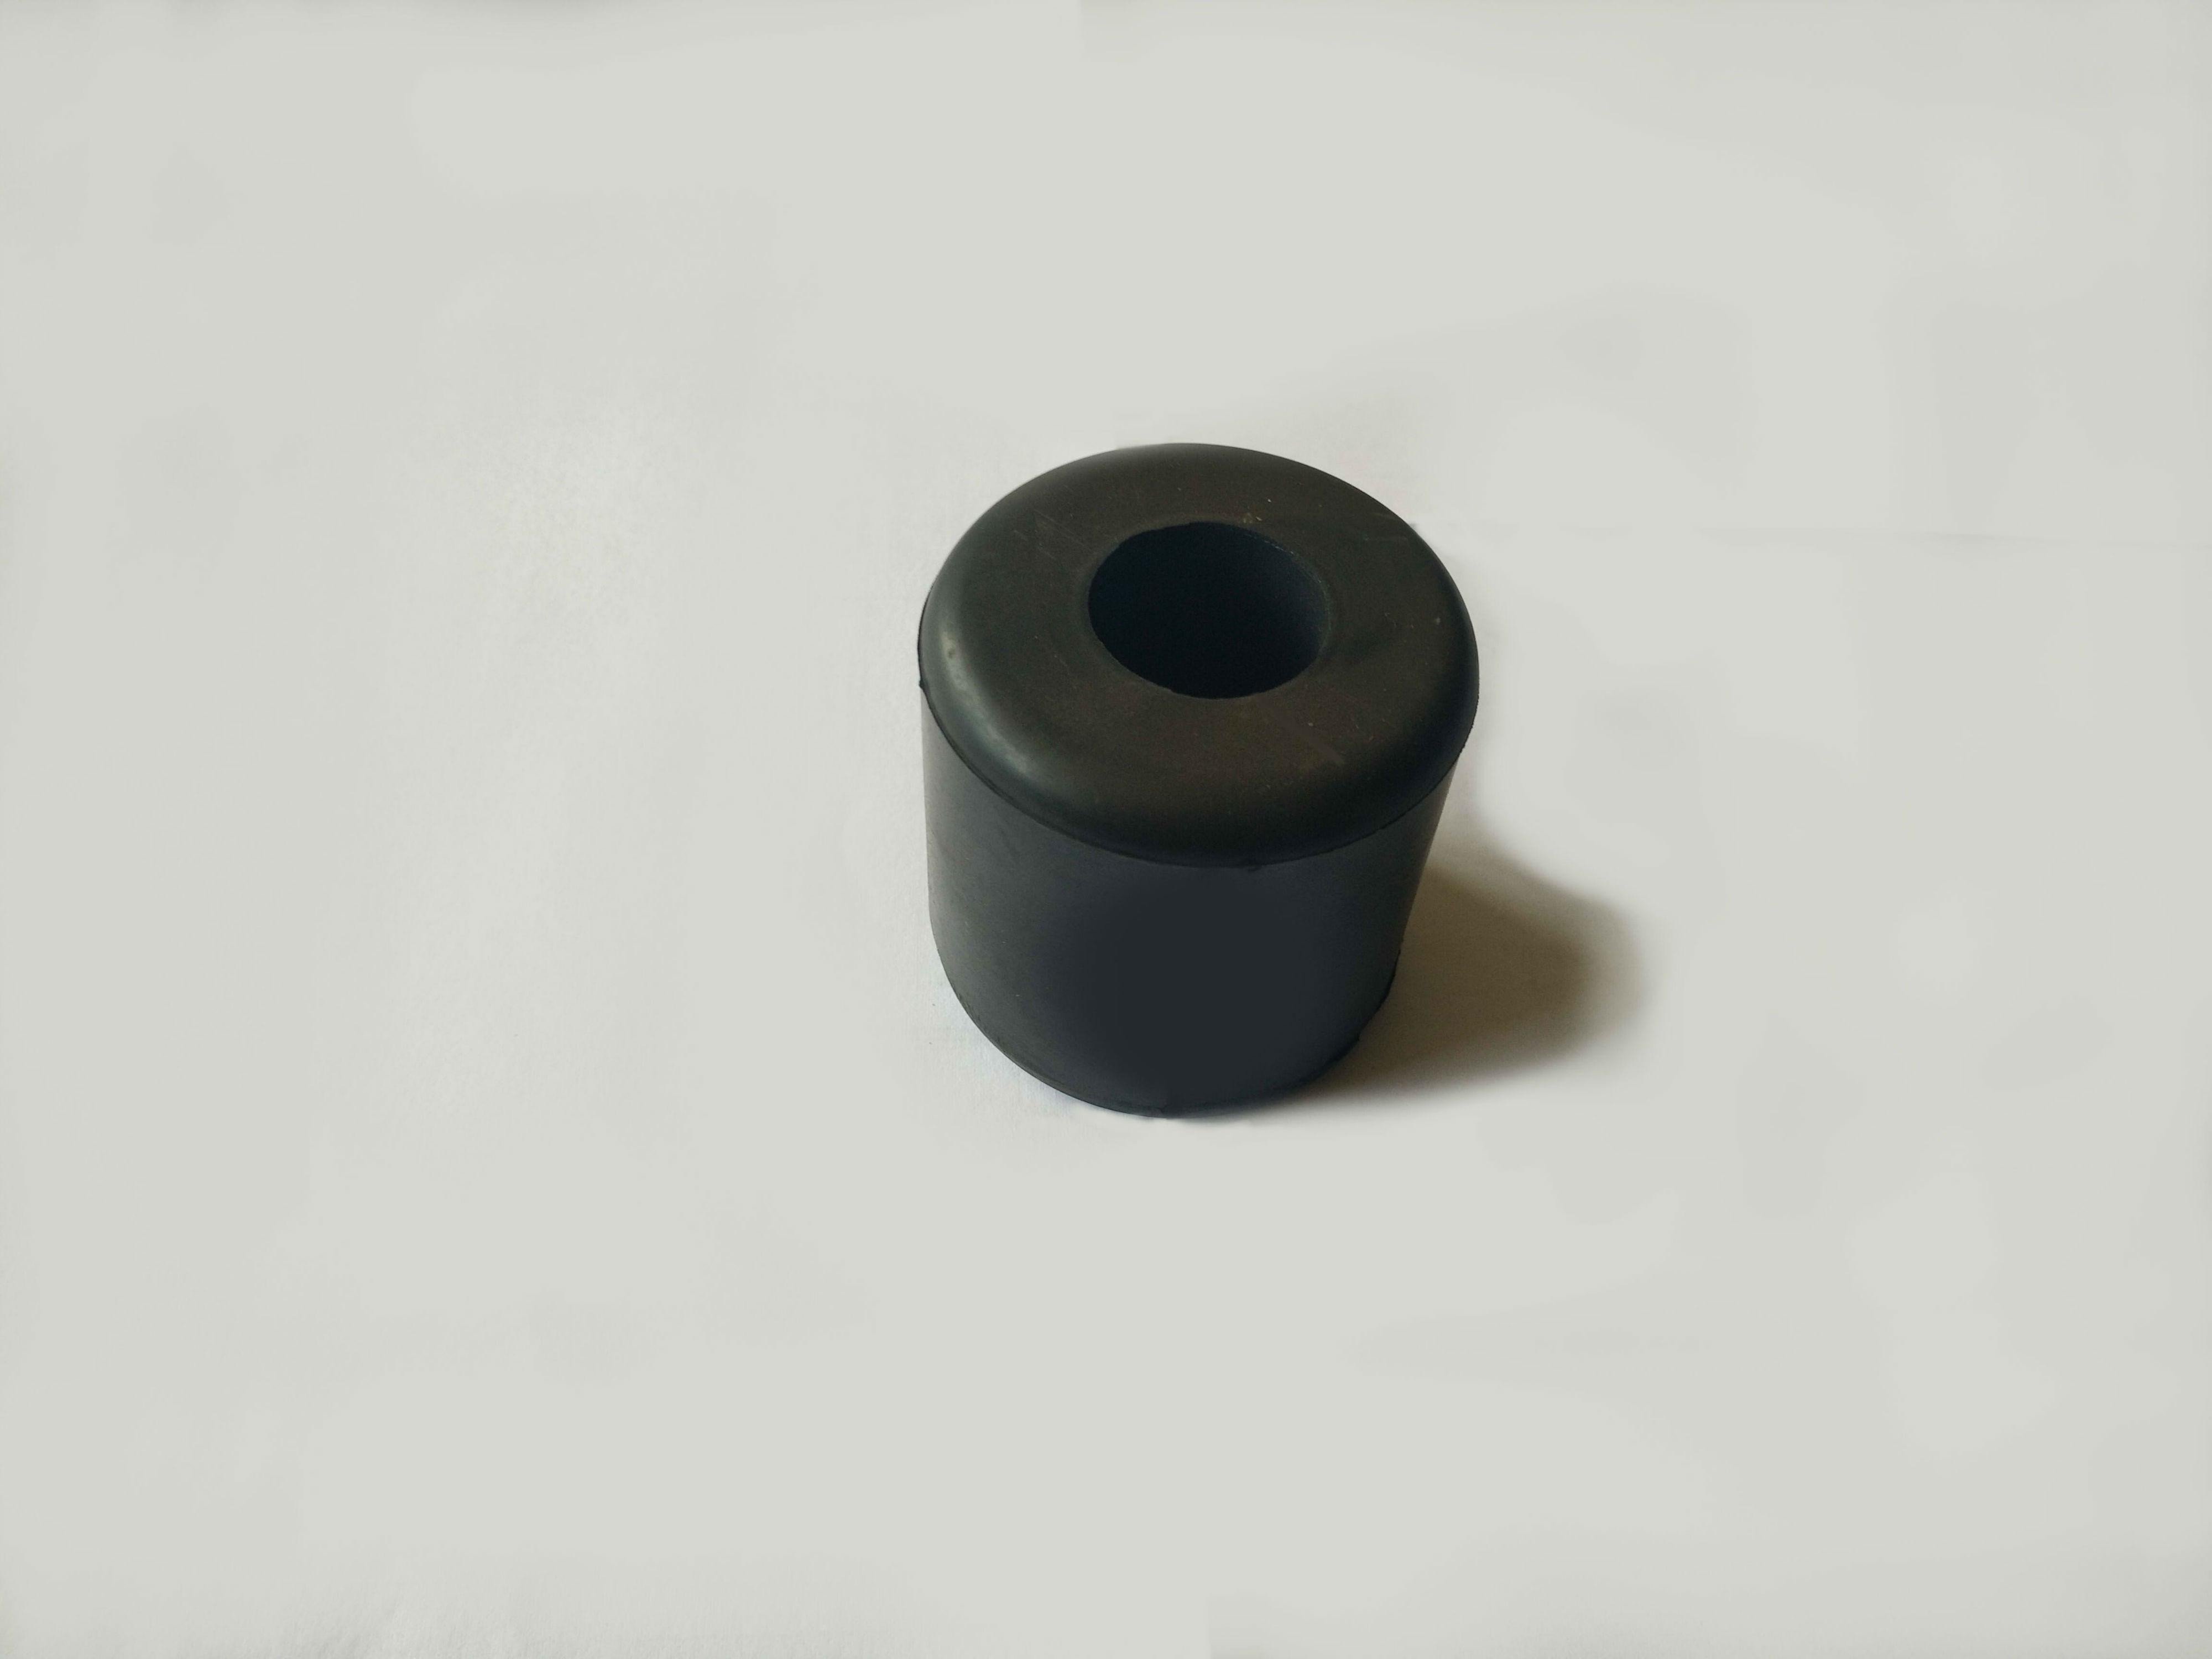 橡胶缓冲垫